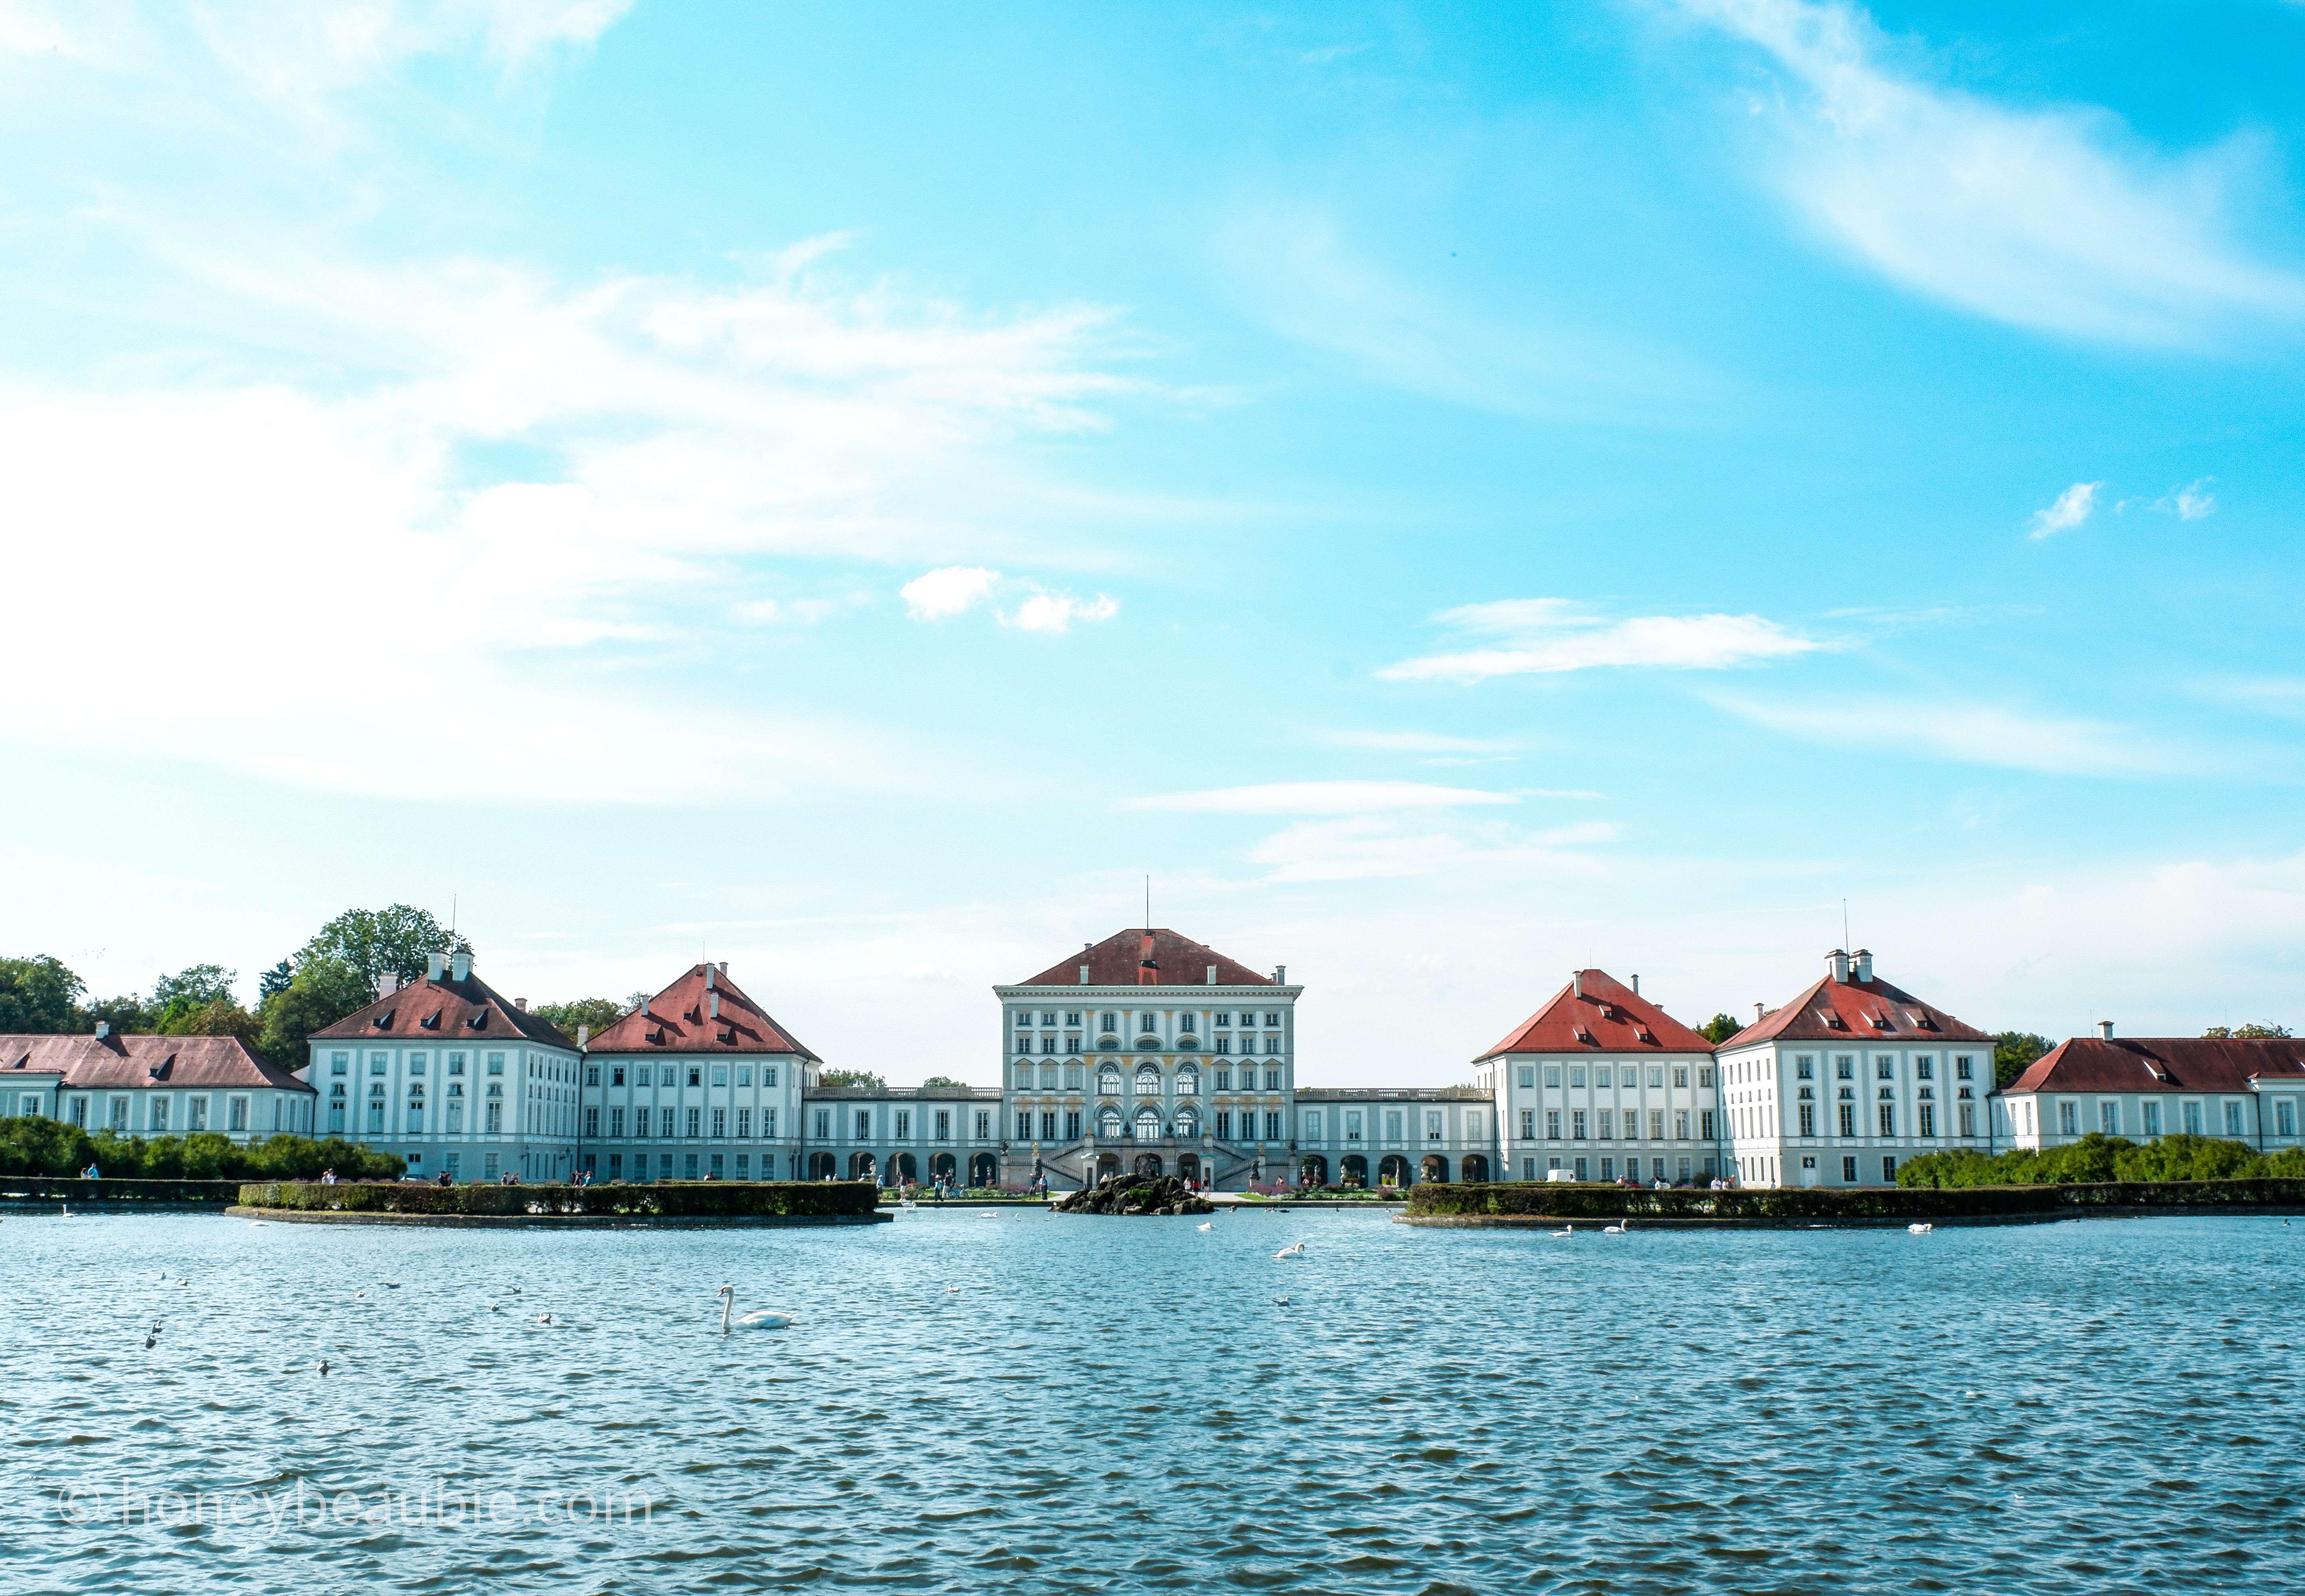 nymphenburg-palace-munich-germany